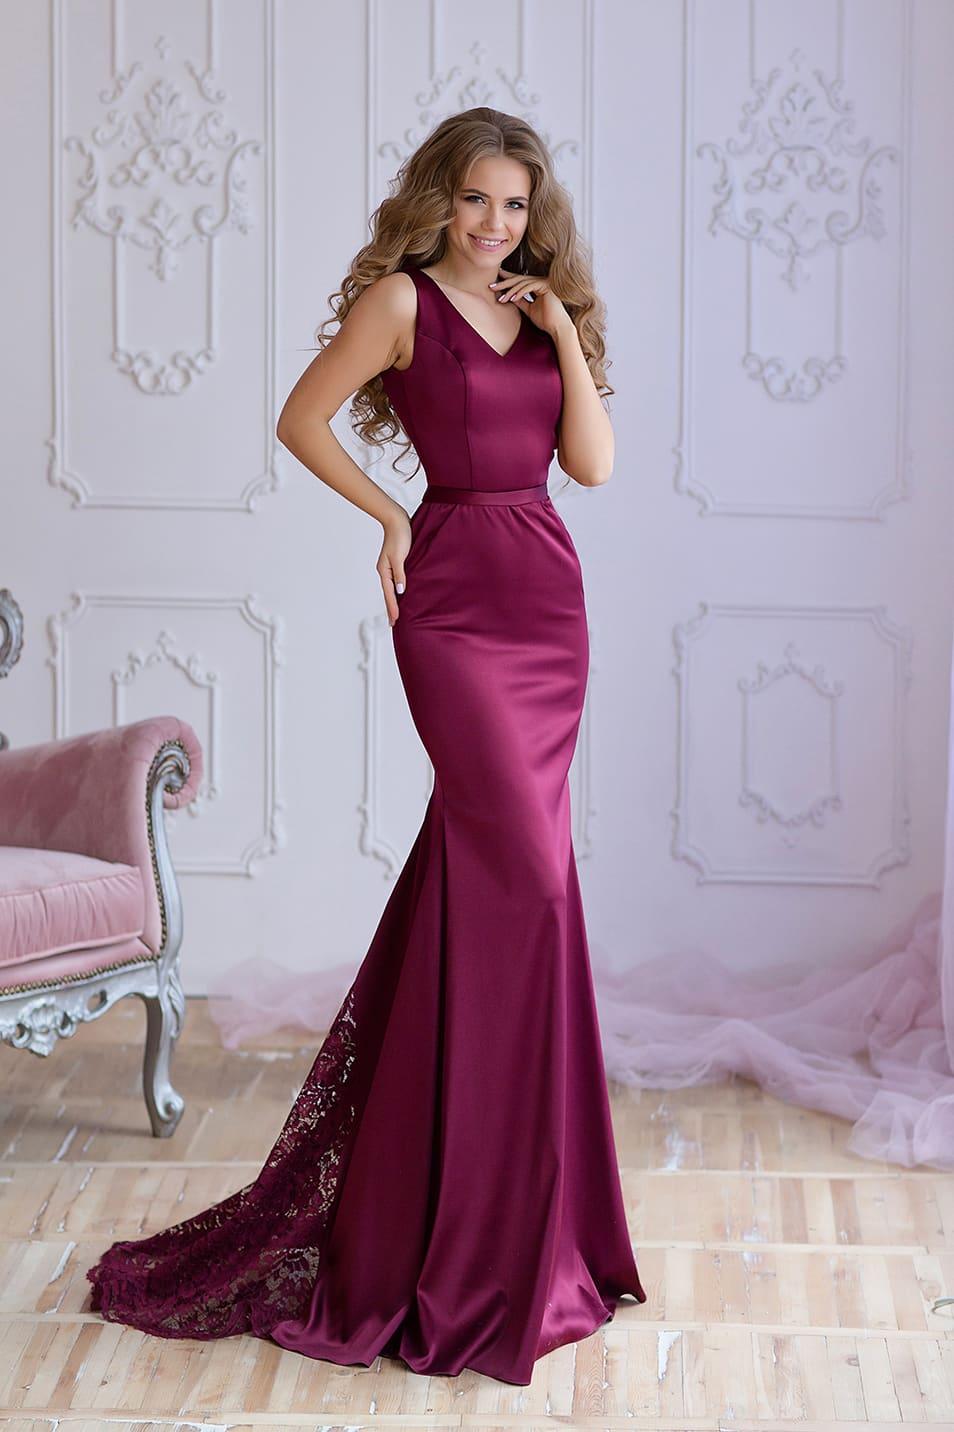 ef0213a62591 Облегающее вечернее платье с вырезом сзади и небольшим кружевным шлейфом. Valentina  Gladun Gatsby   Blout